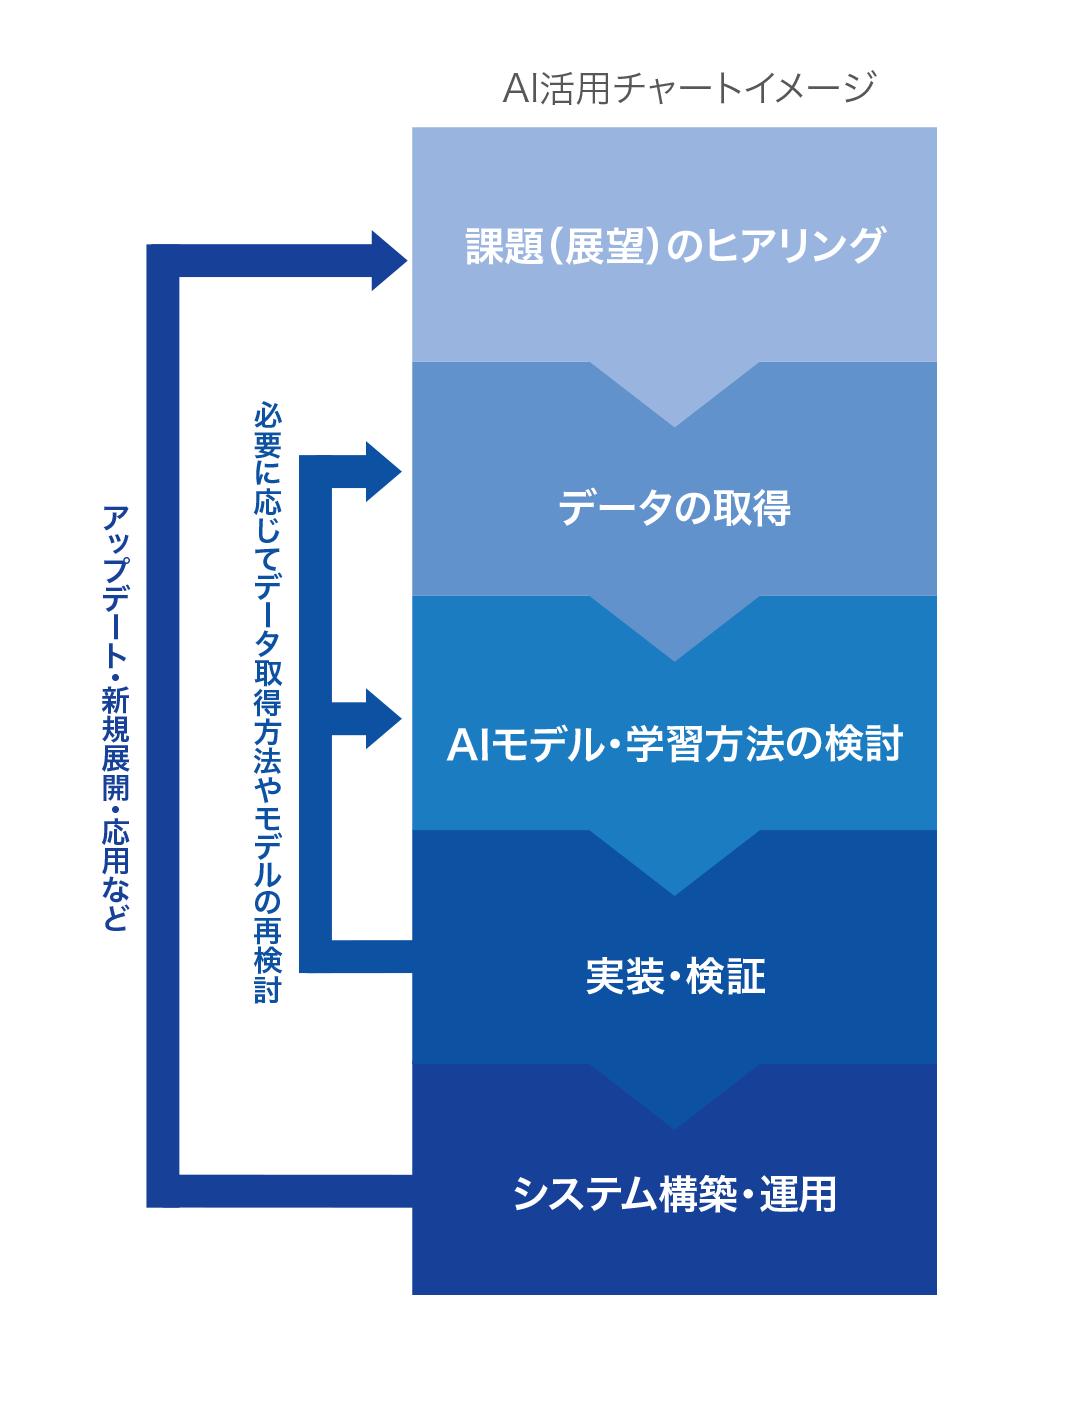 AI活用チャートイメージ